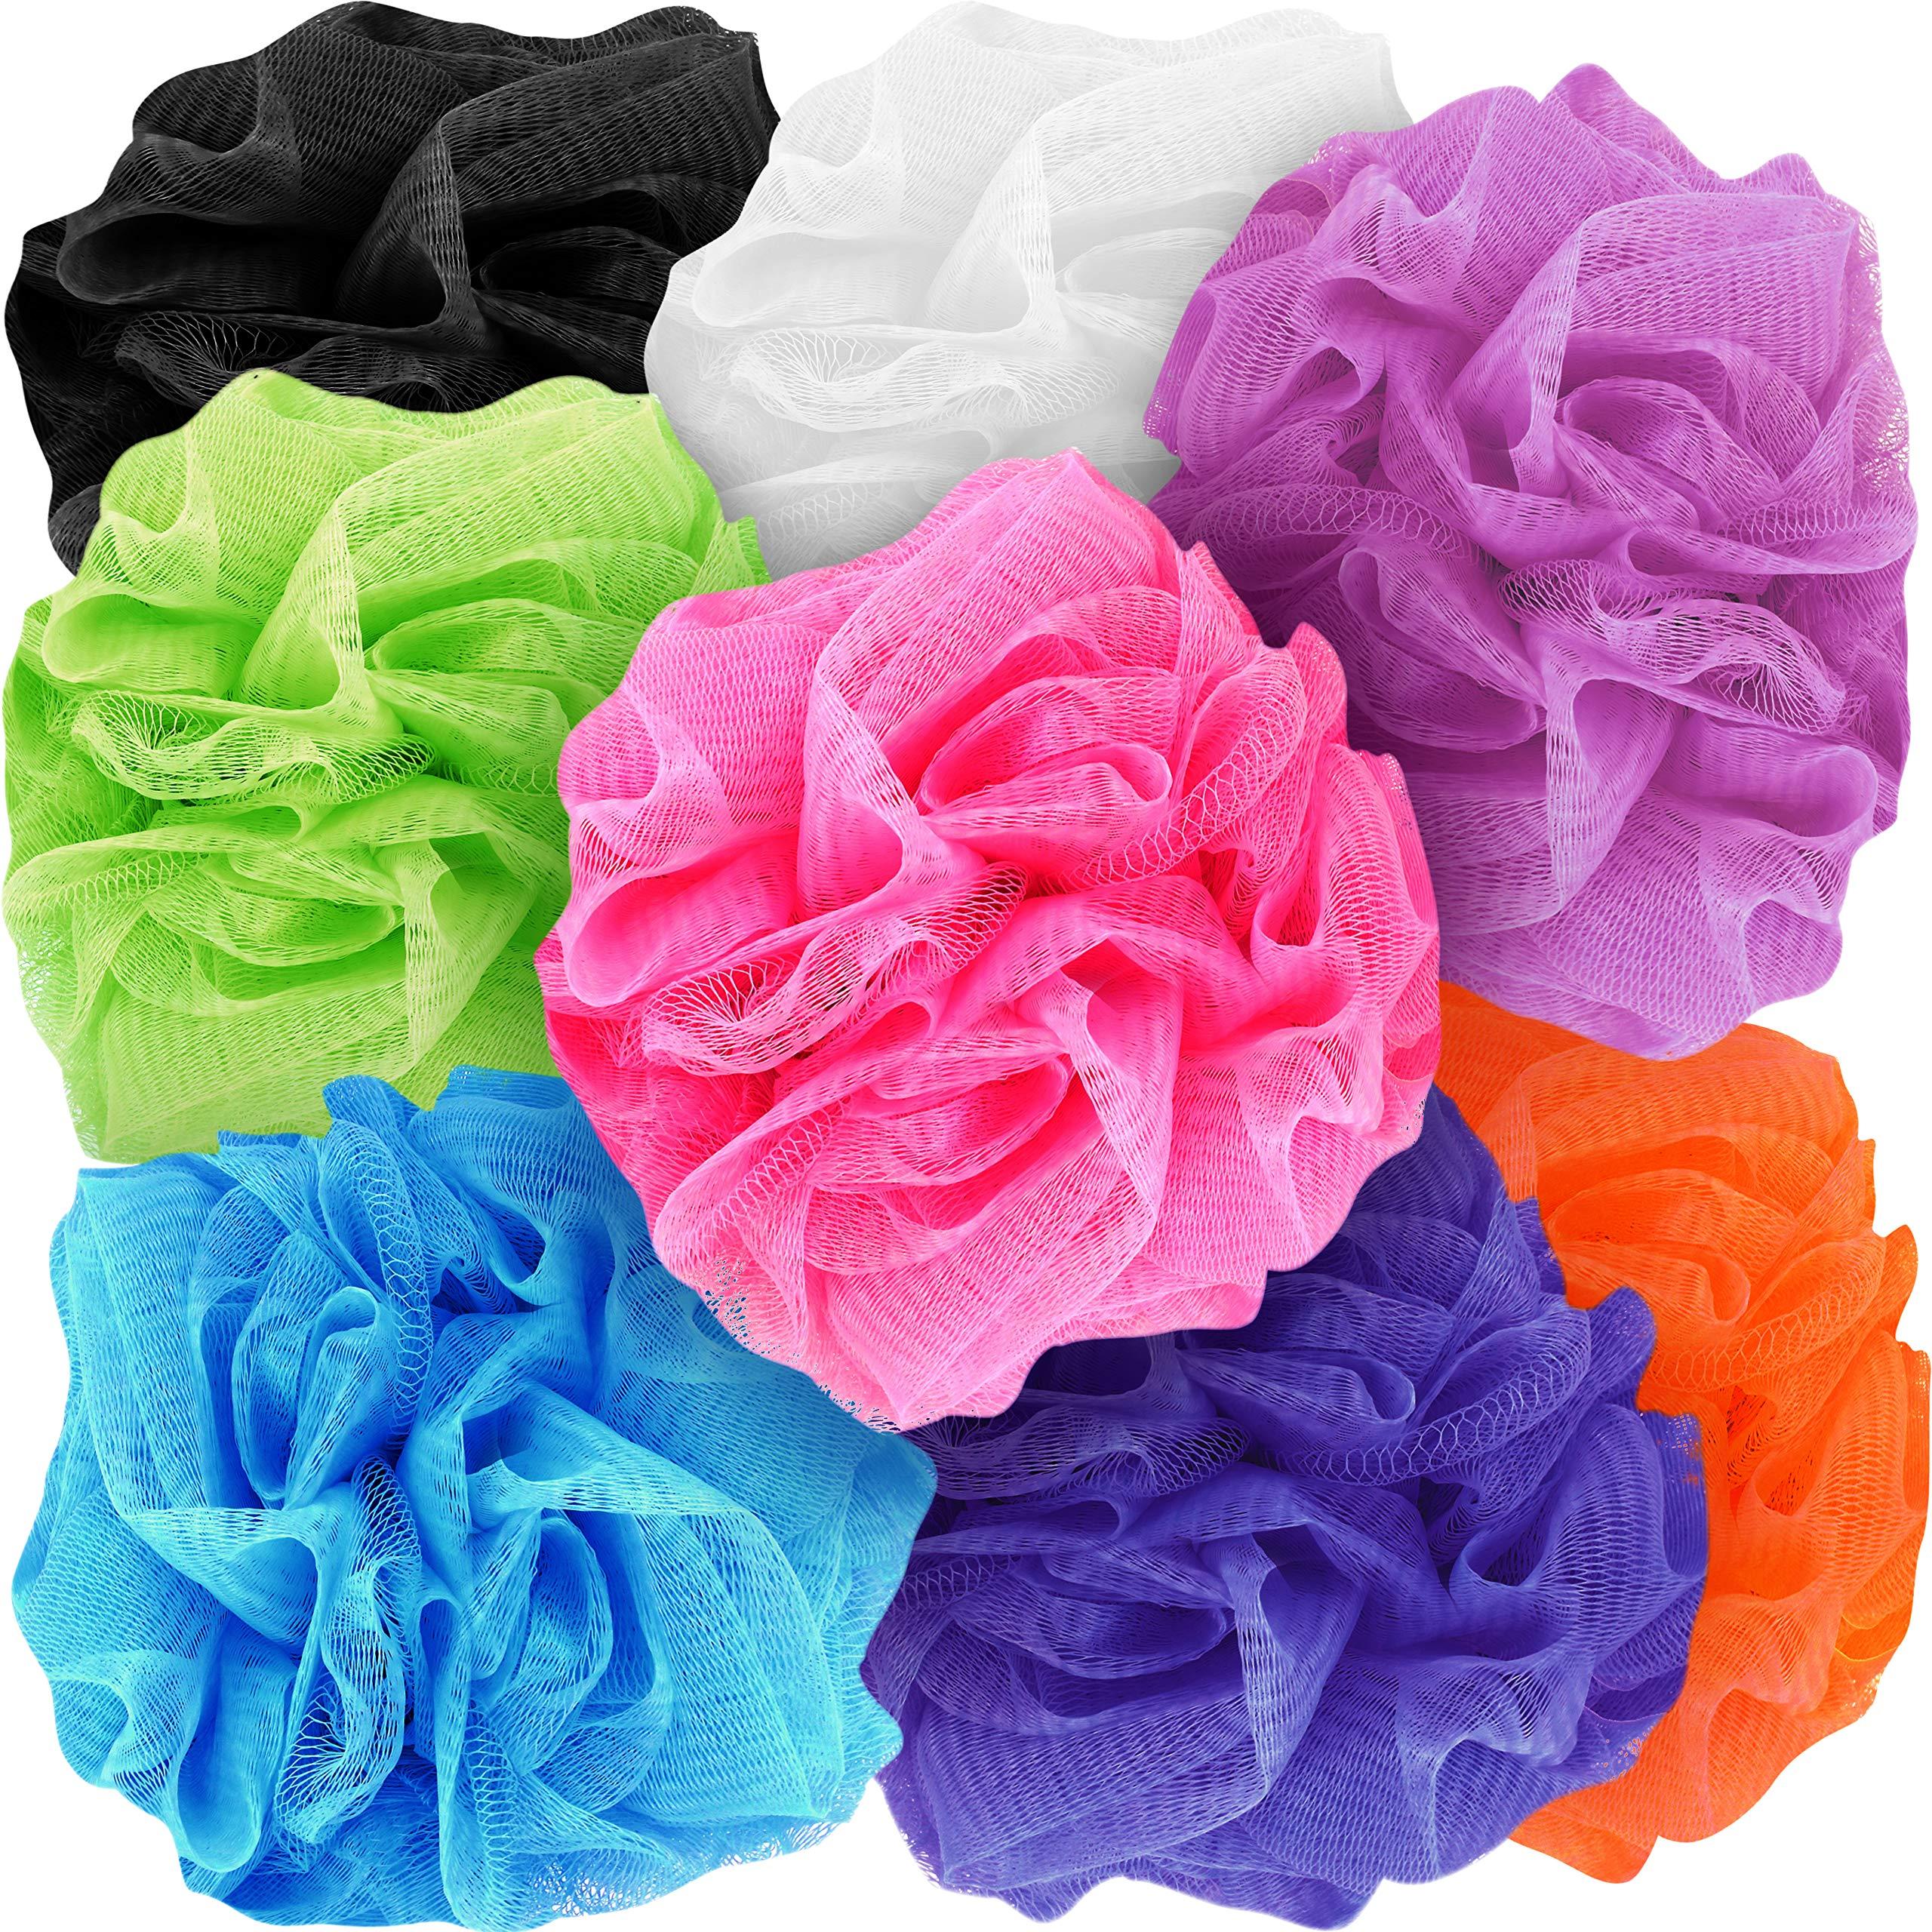 Counterfeit Blondes Sponges Multi Color Assortment